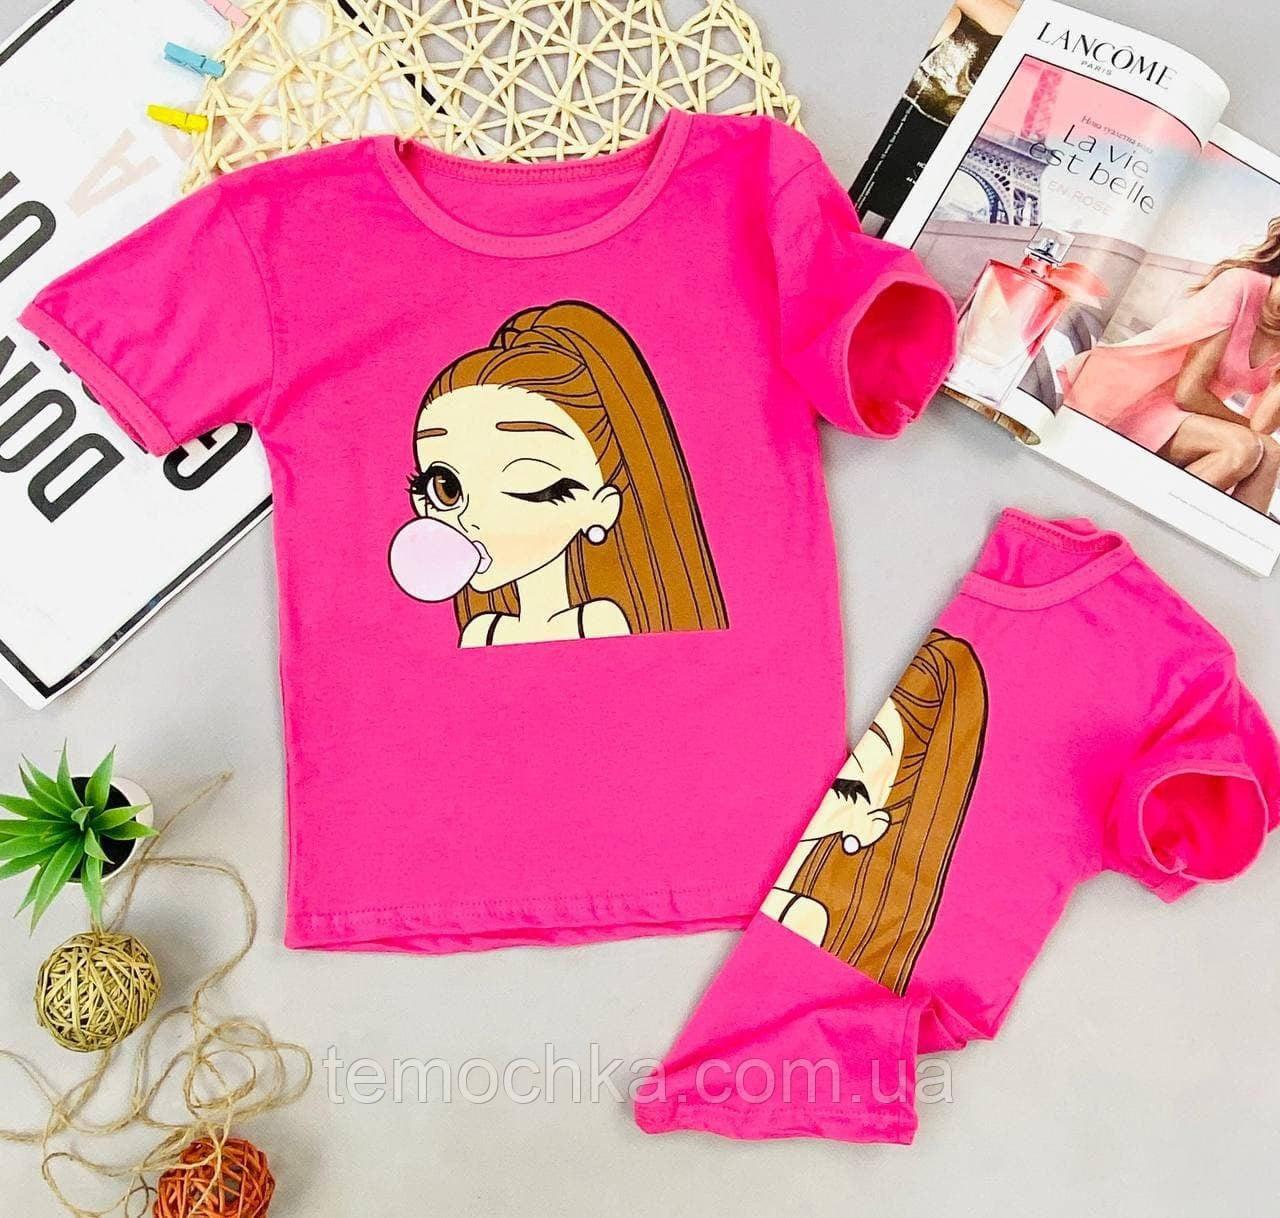 Стильна дитяча футболка рожева жовта біла для дівчинки